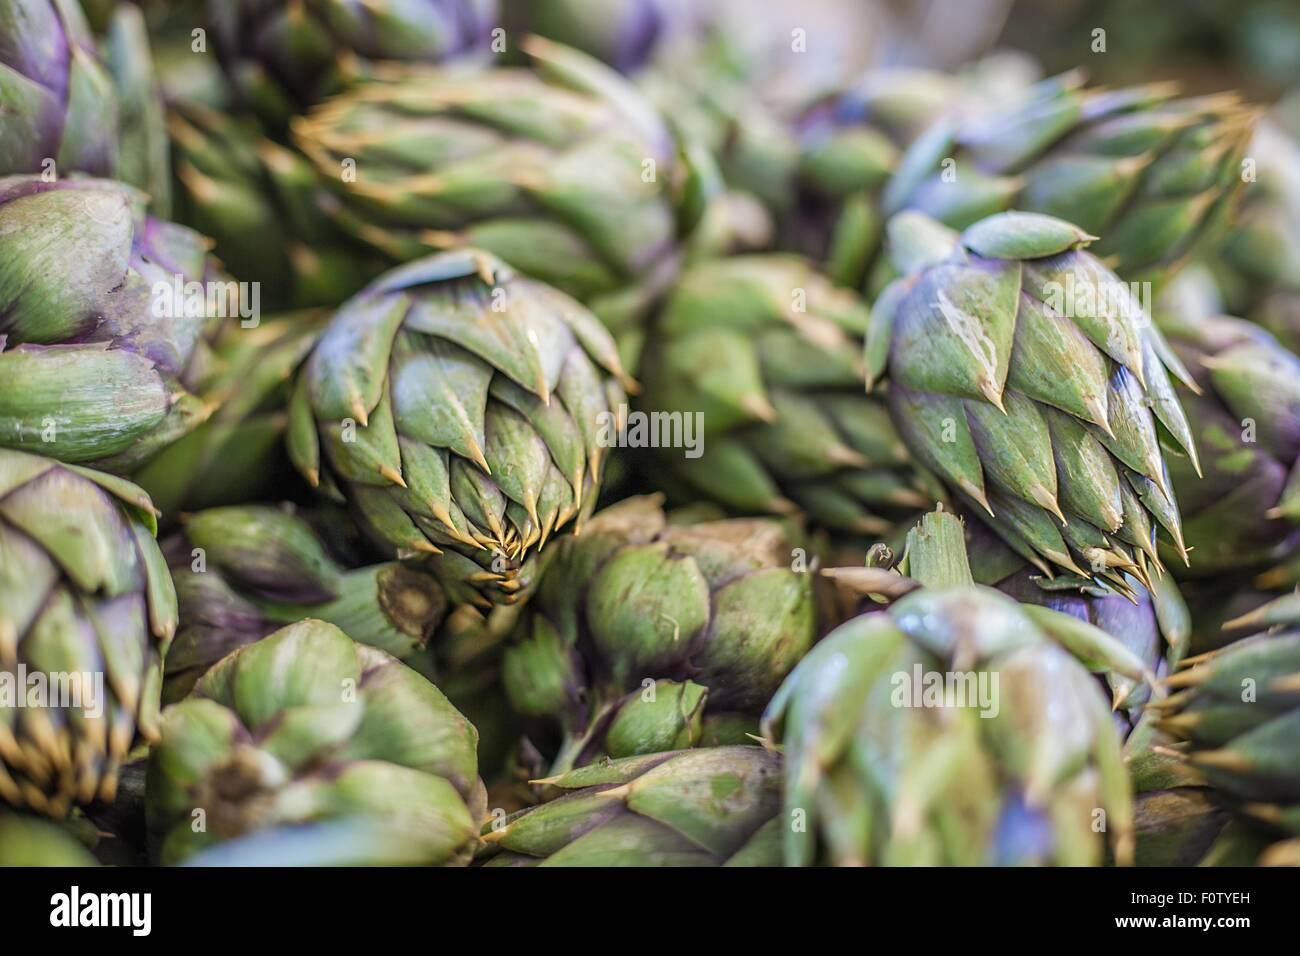 Pile d'artichauts, full frame, close-up Banque D'Images